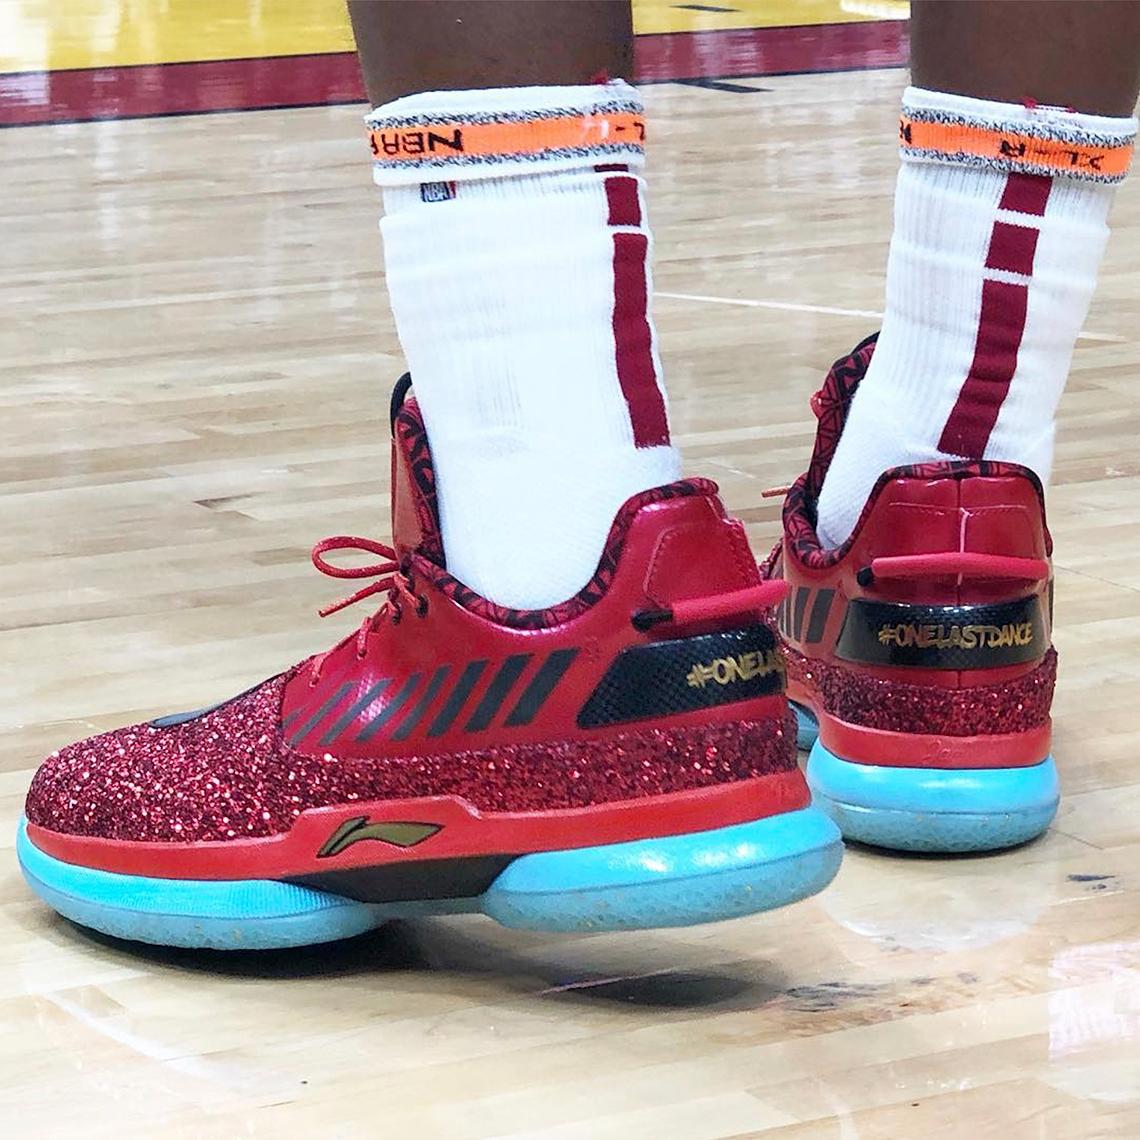 Dwyane Wade Final NBA Game Shoes One